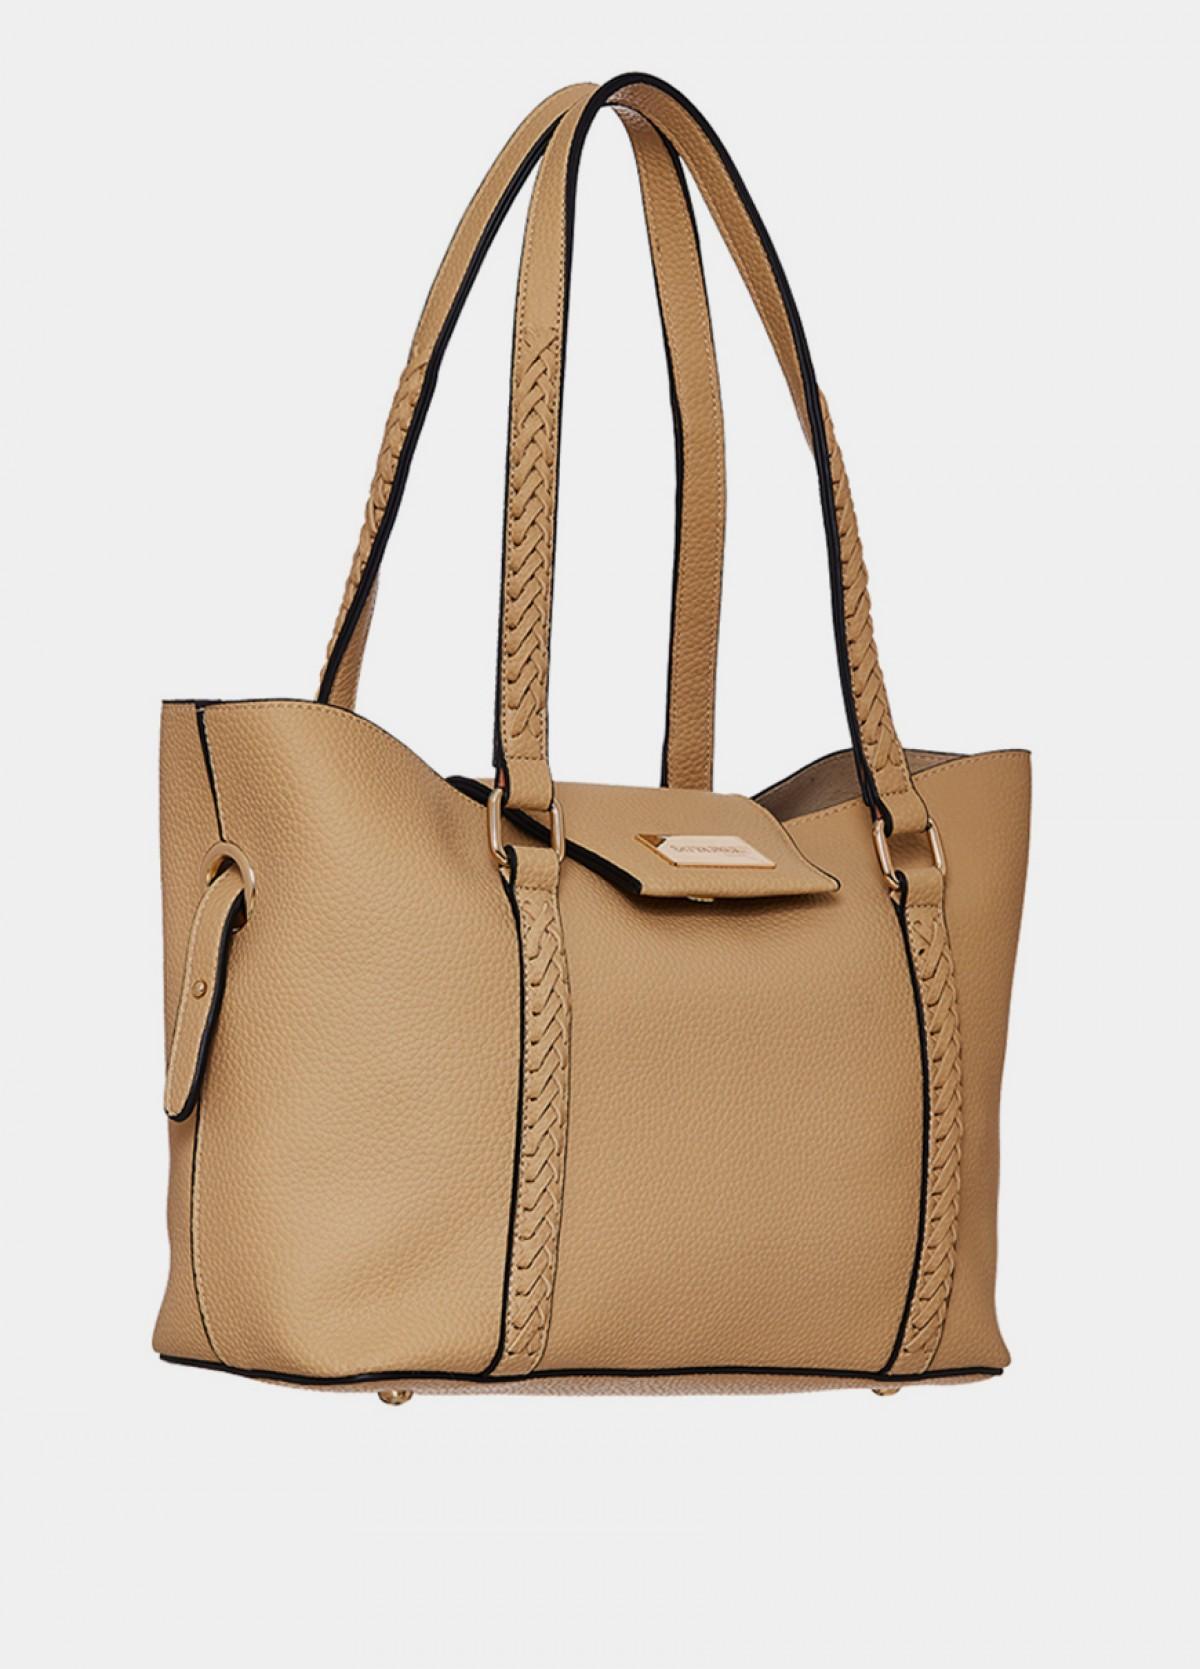 The Beige Shoulder Handbag